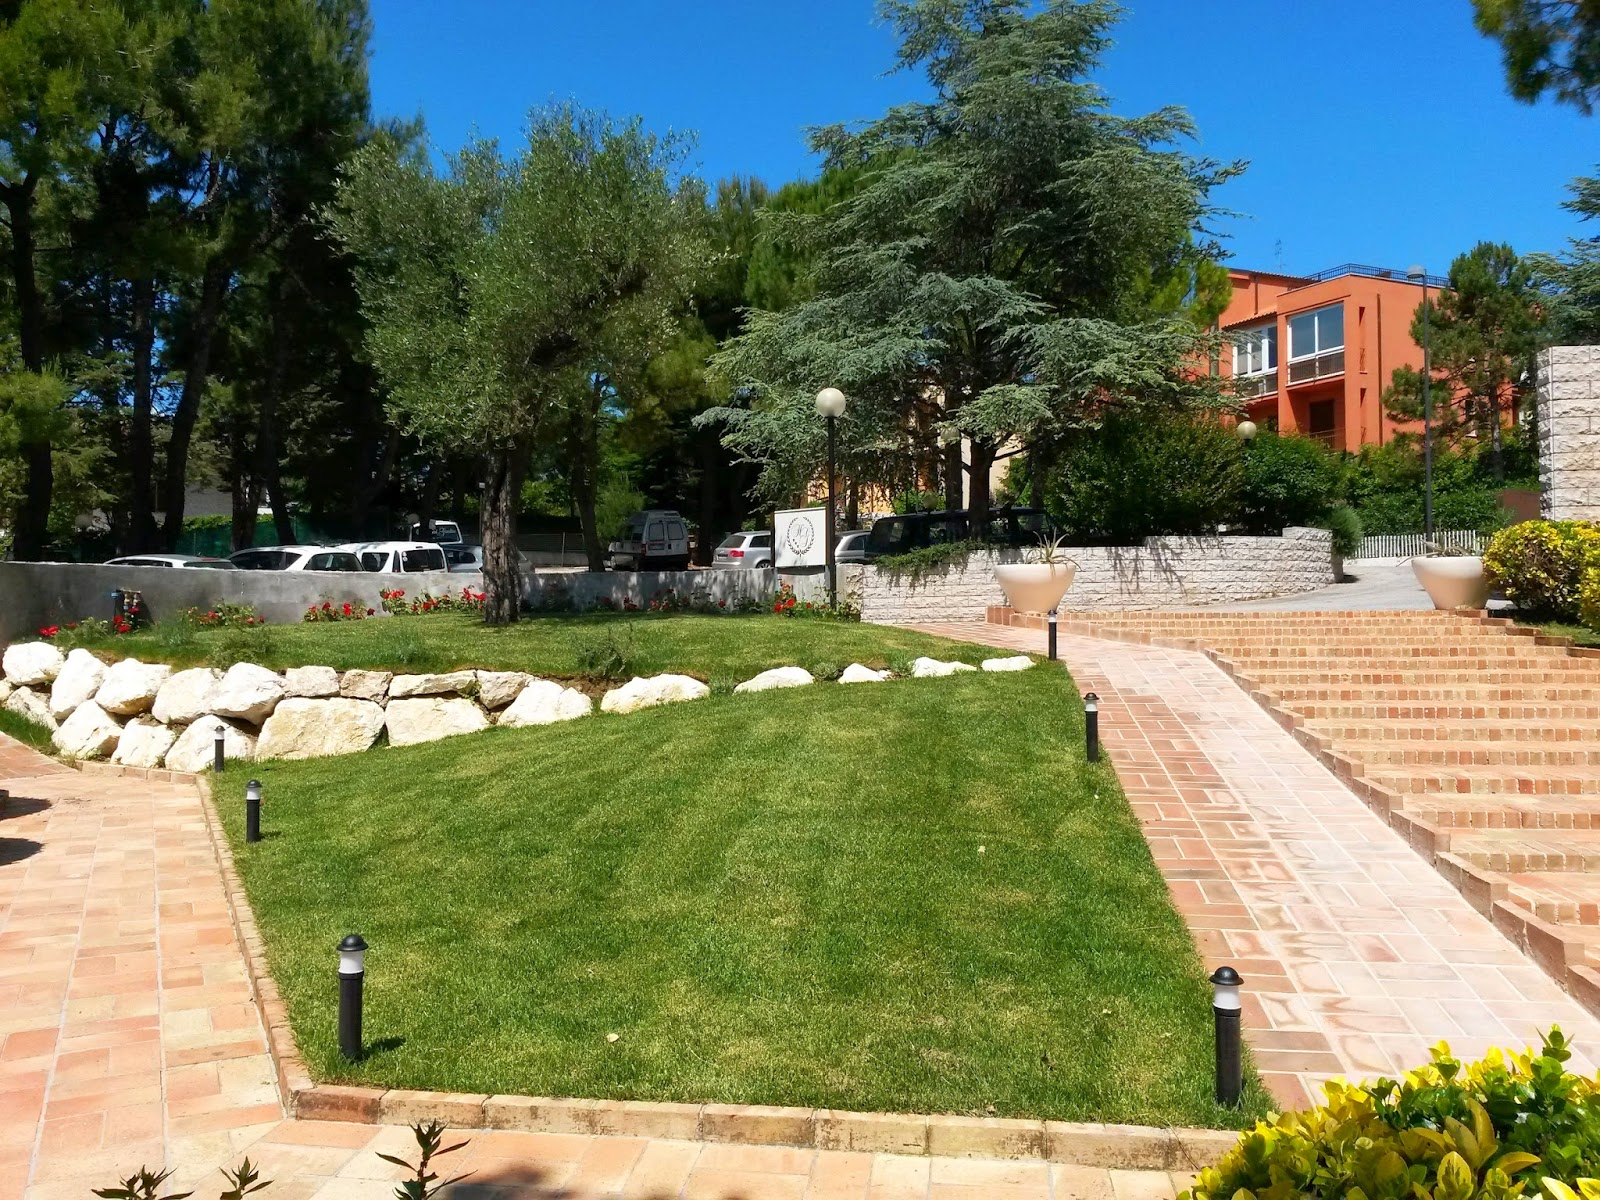 Hotel giardino suite&wellness riviera del conero: nuovo ingresso